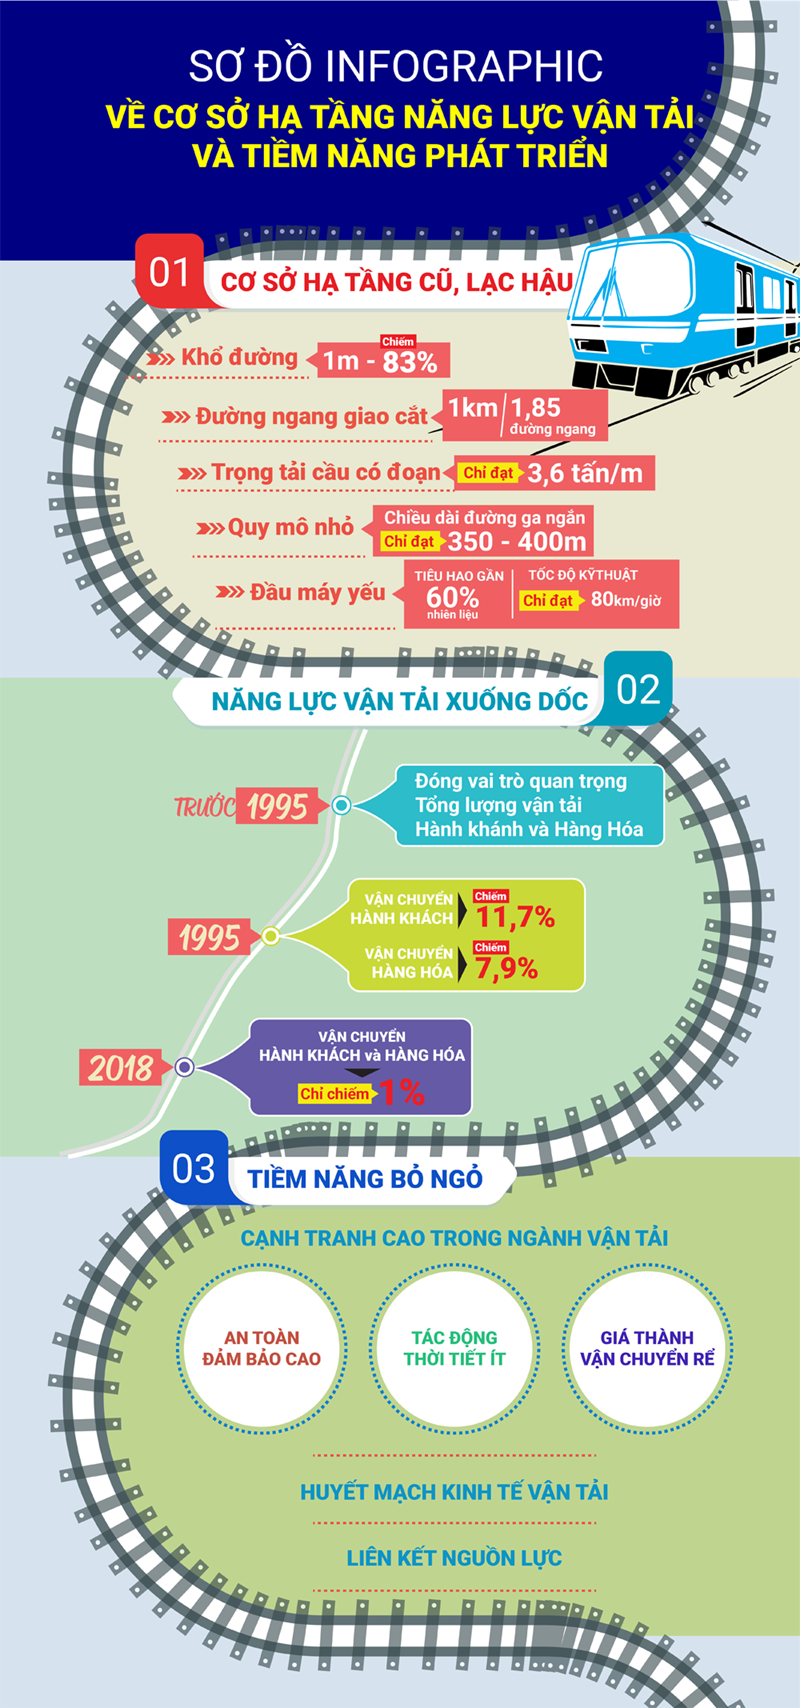 [Infographics] Cơ sở hạ tầng năng lực vận tải và tiềm năng phát triển   - Ảnh 1